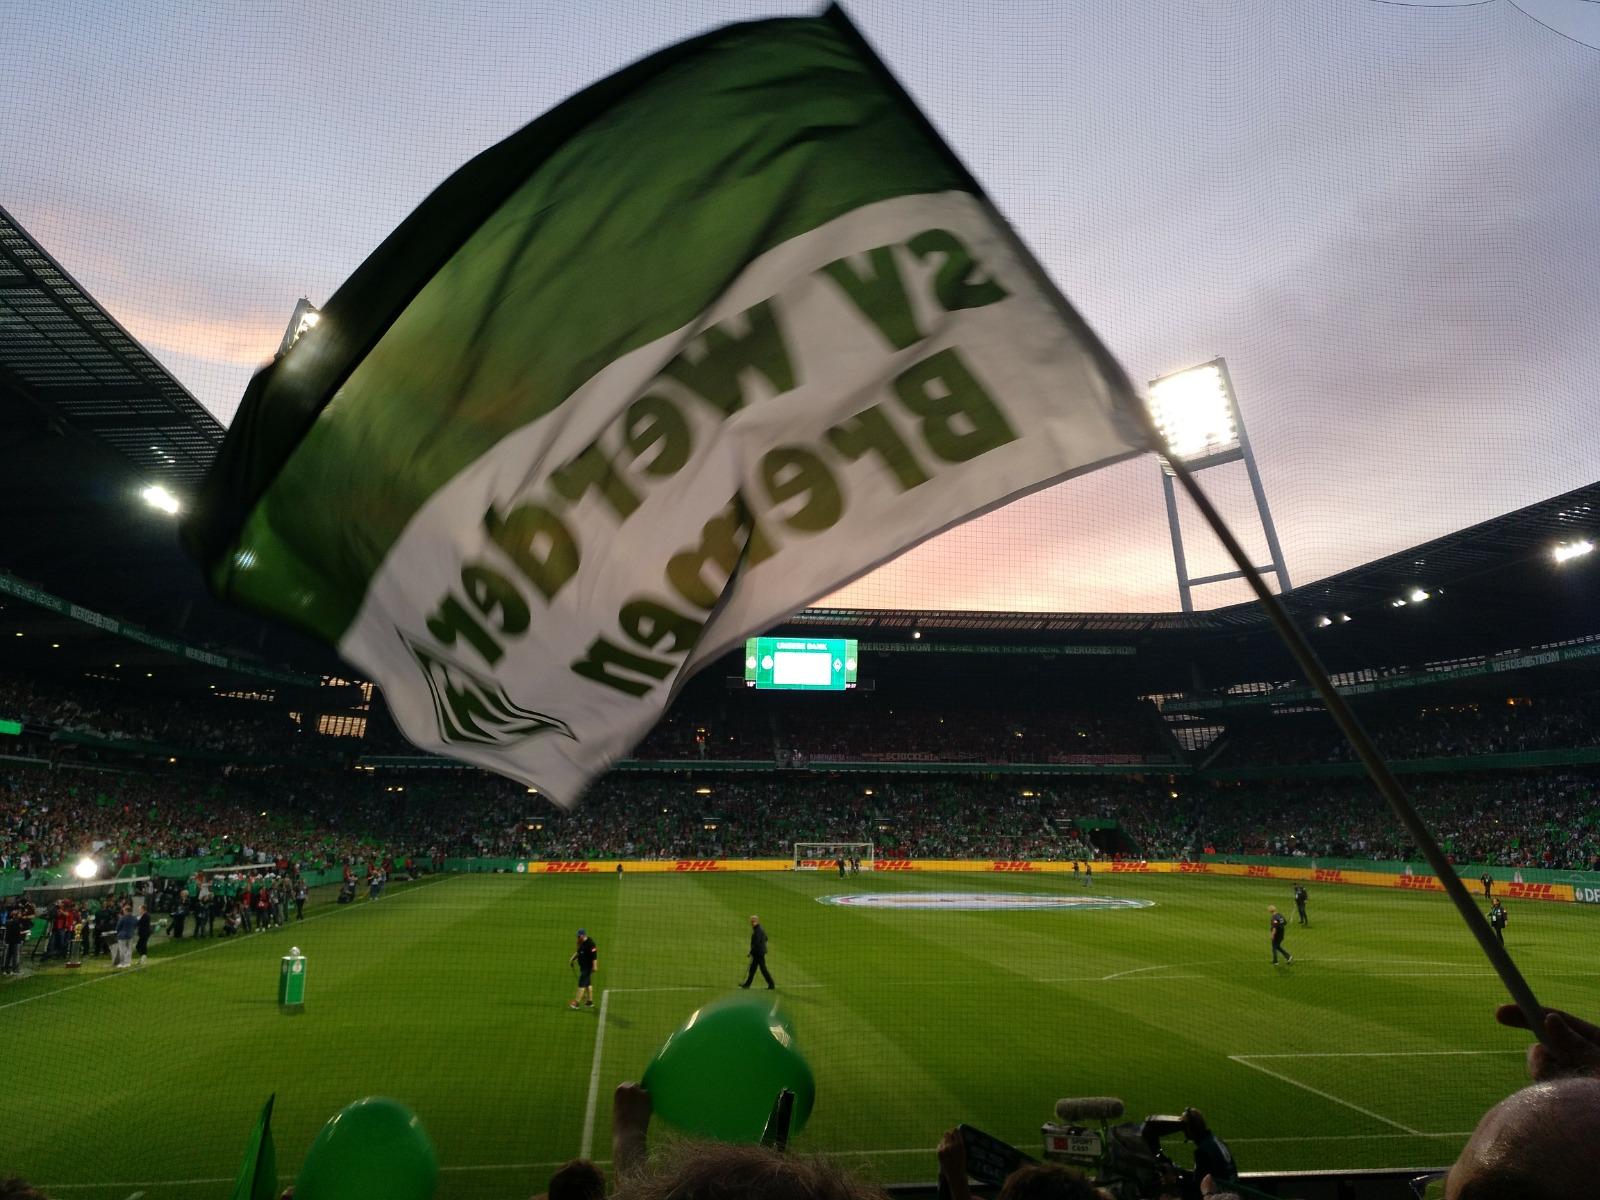 Werder Fahne in der Ostkurve bei Sonnenuntergang